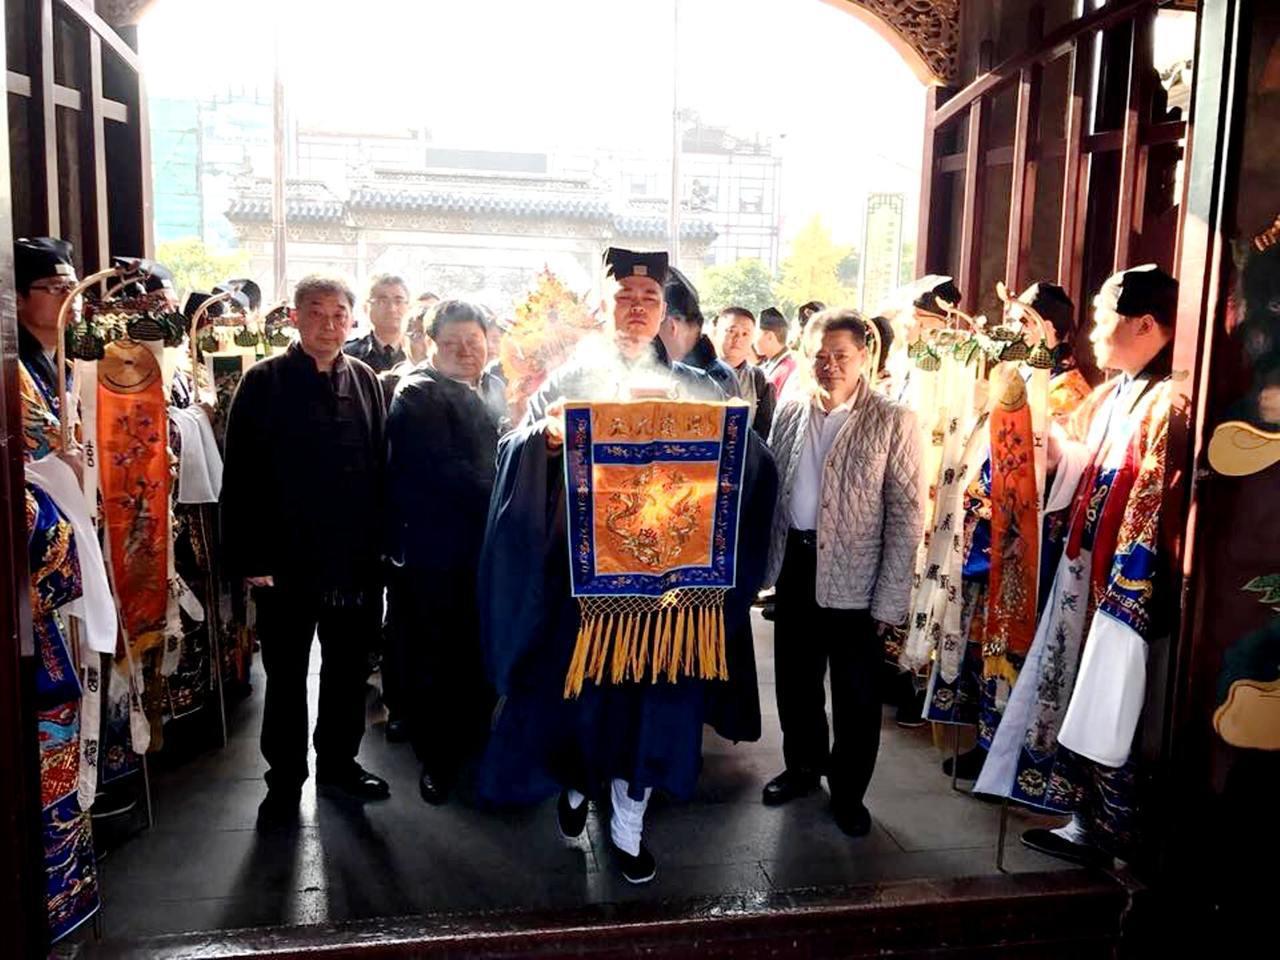 上海城隍廟與大甲鎮瀾宮締結友好宮觀,大甲媽正式分靈進駐上海。圖/大甲鎮瀾宮提供